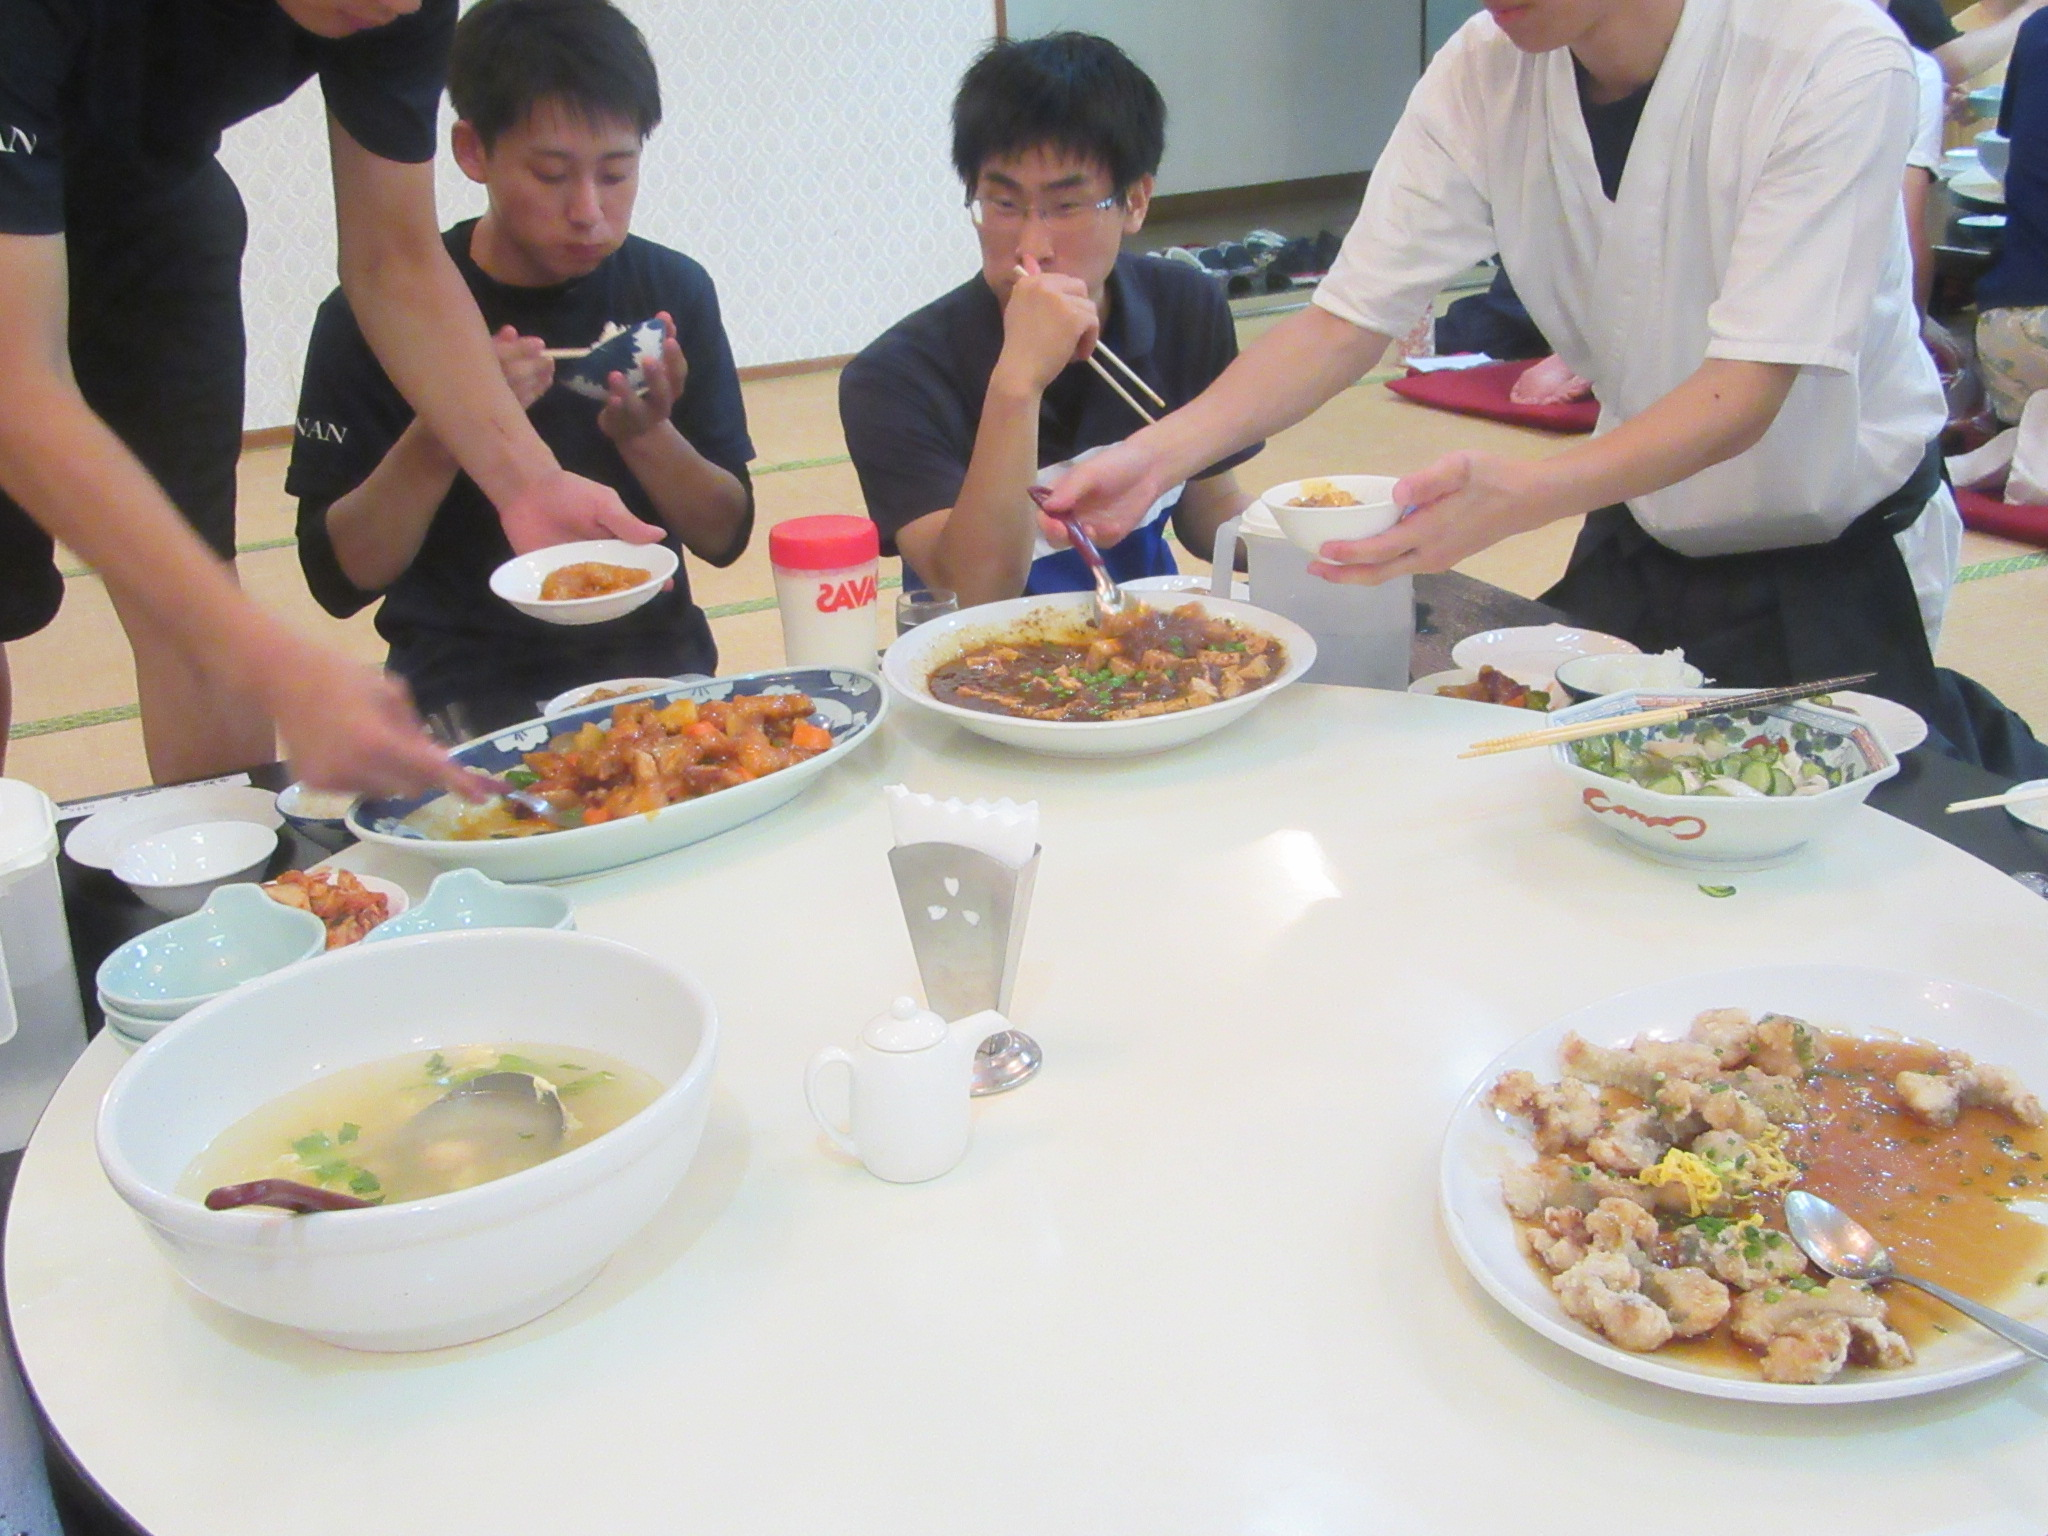 ホテル中村荘さんが朝昼晩と豪華でボリューミーな食事を用意してくださいます